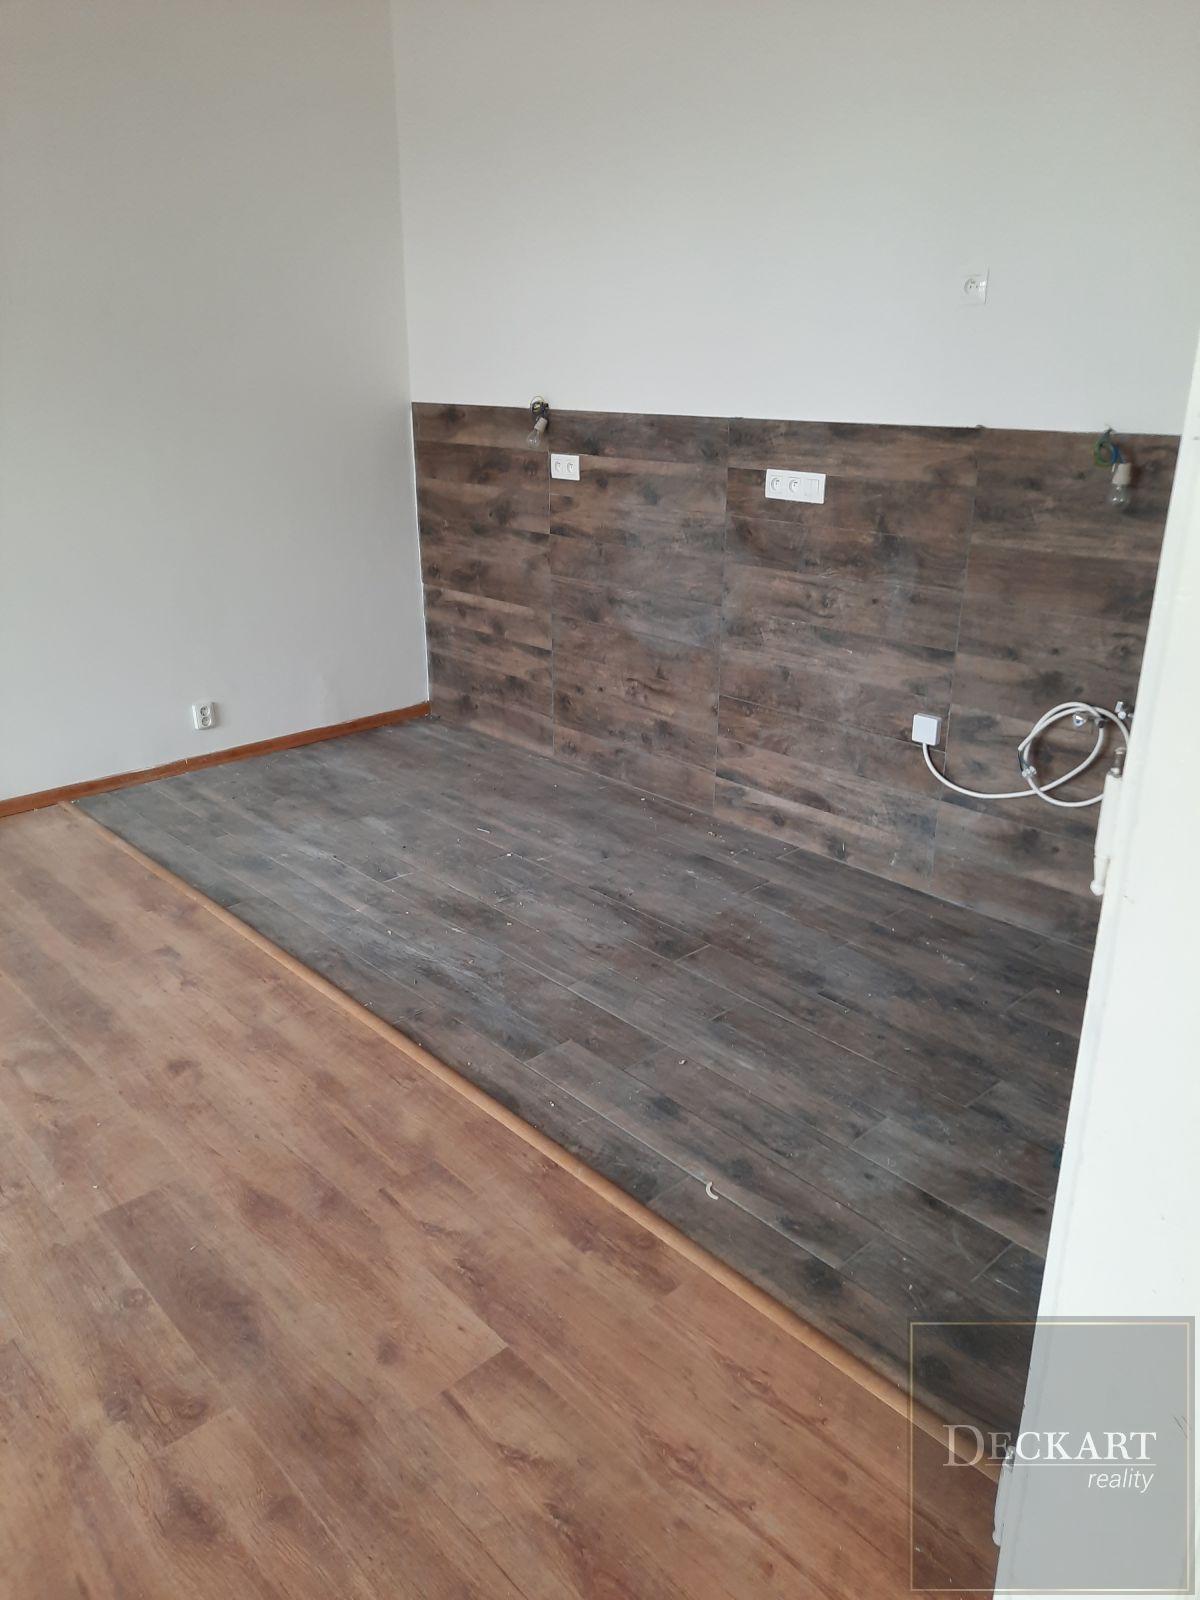 Pronájem bytu 2+1 (3 + kk) v Teplicích, centrum, 100 m2